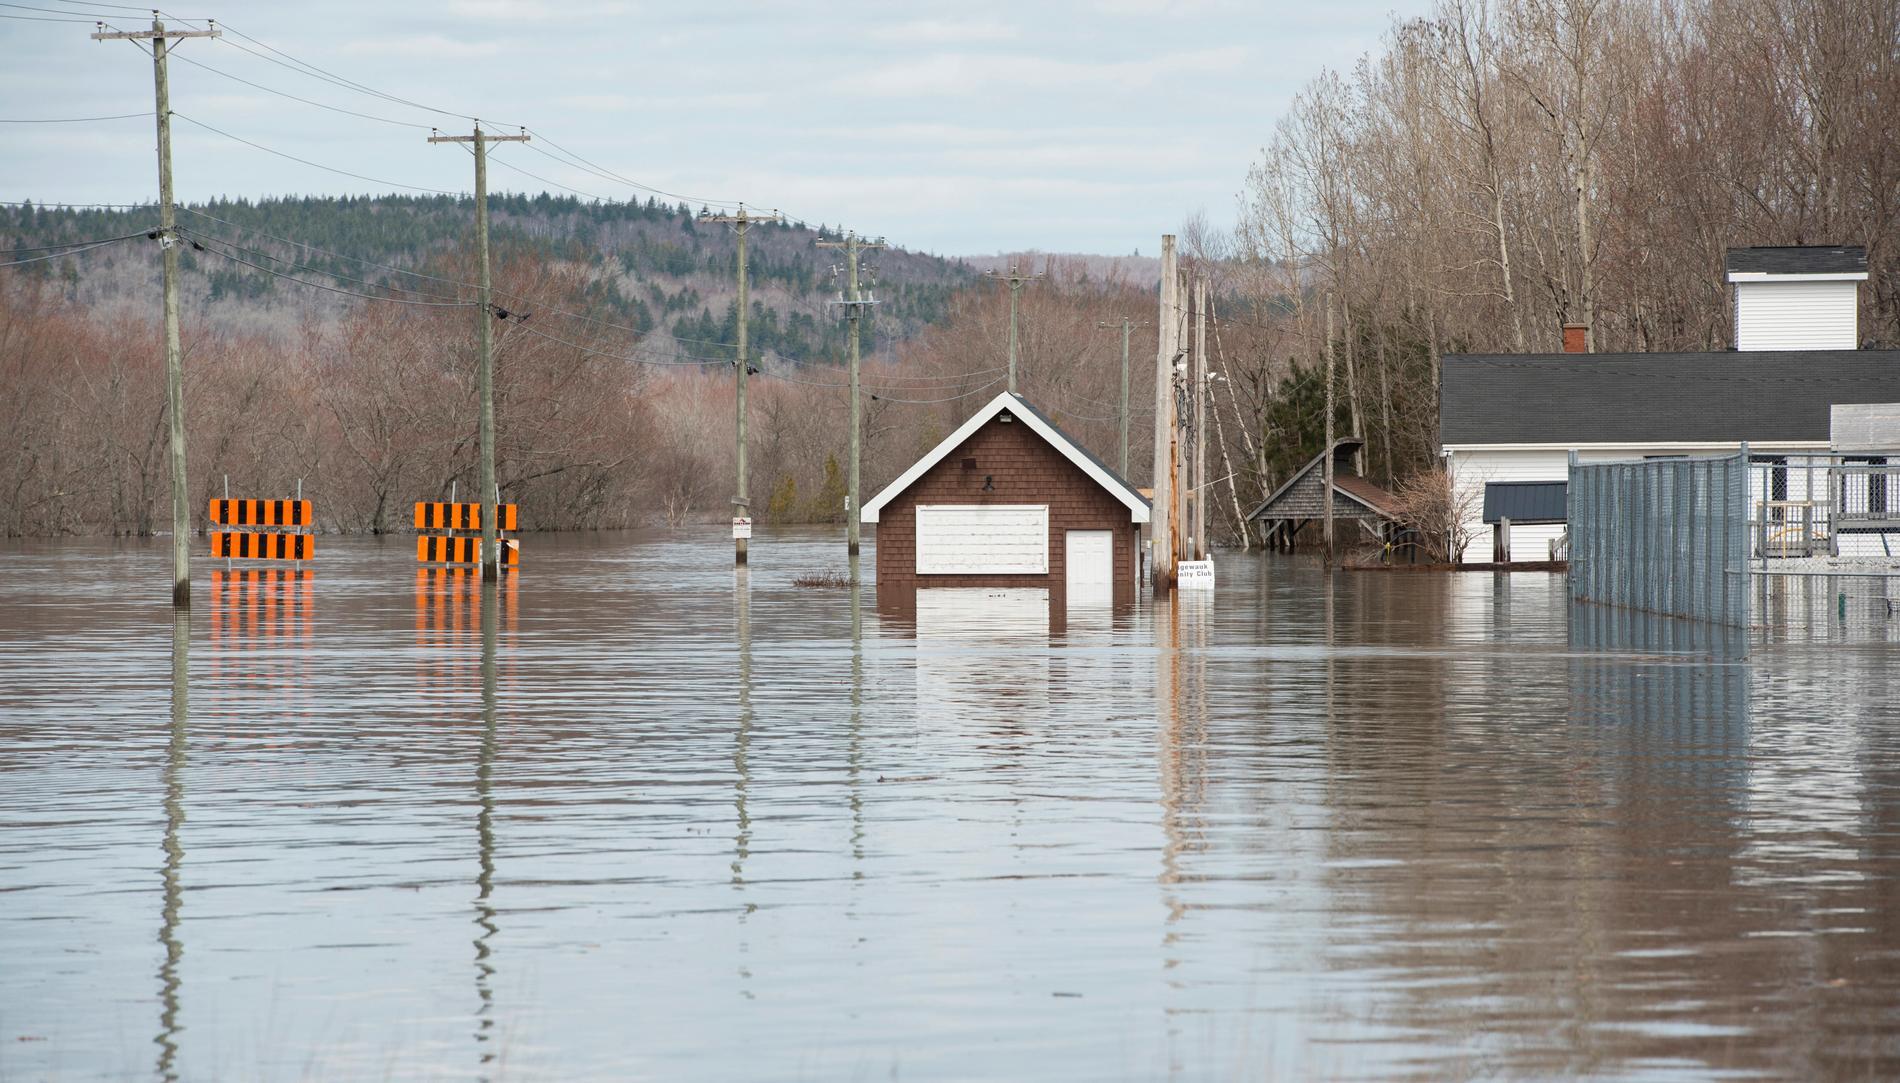 Översvämningar i Nauwigewauk i New Brunswick i Kanada.